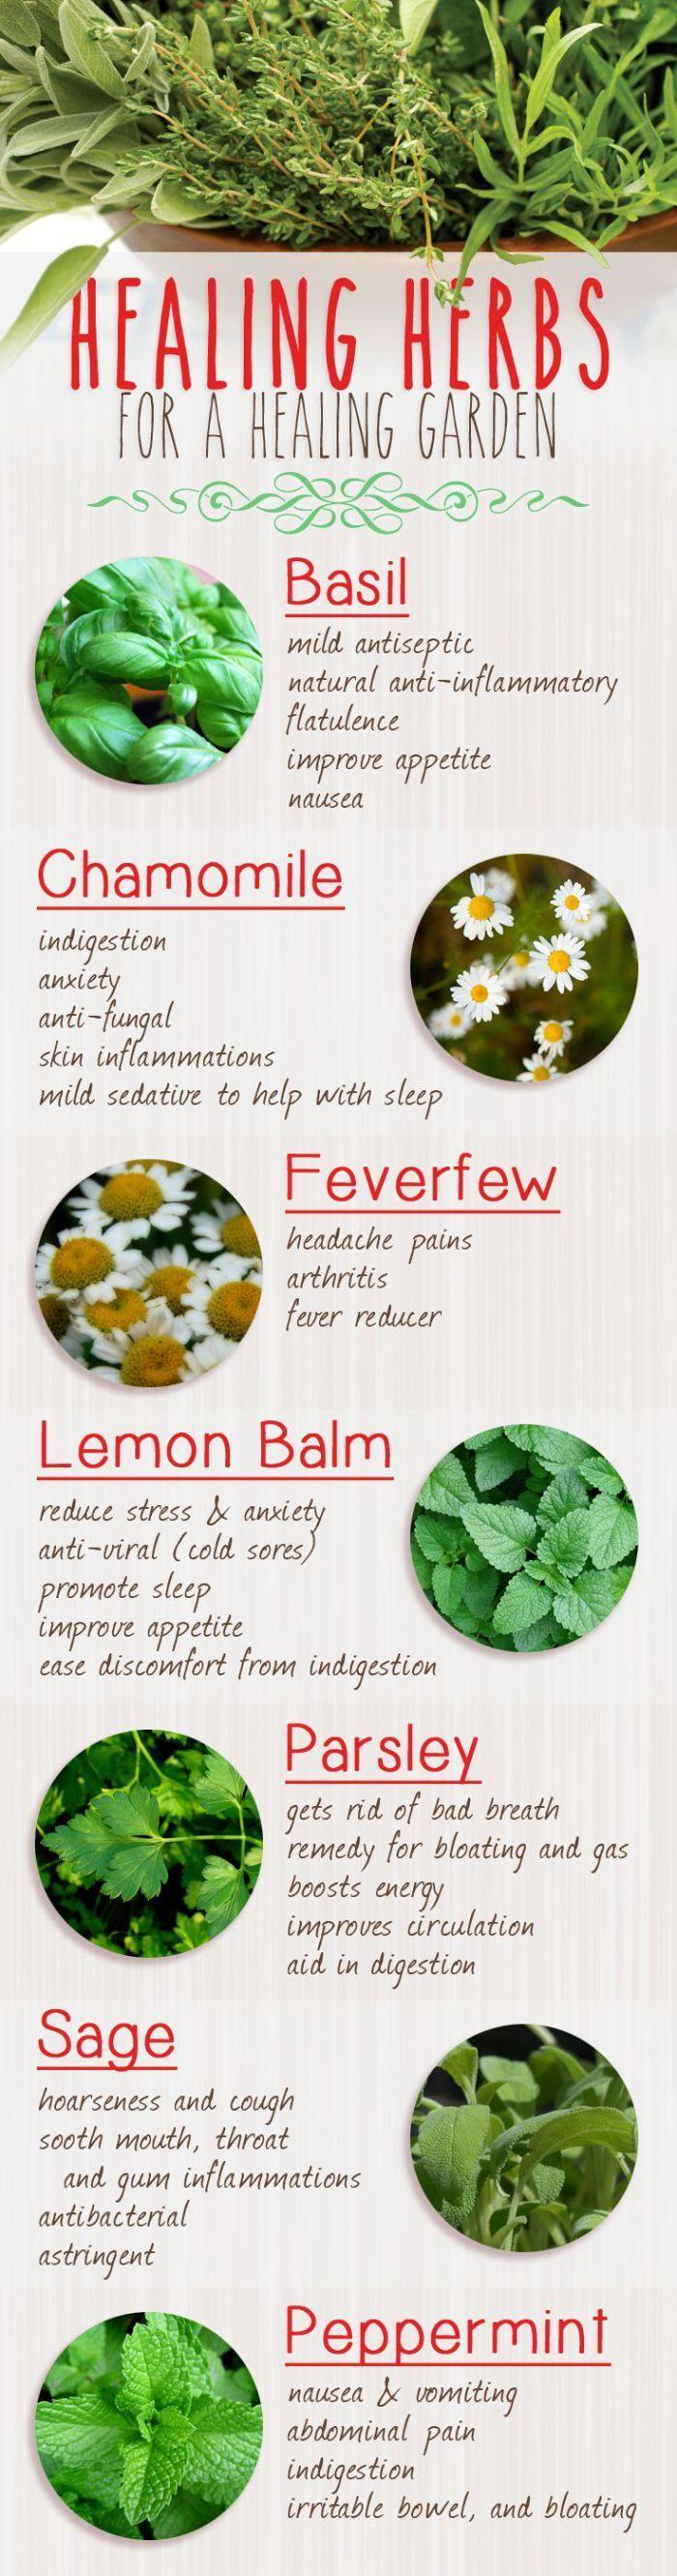 cool healing herbs for a healing garden - gardening tips